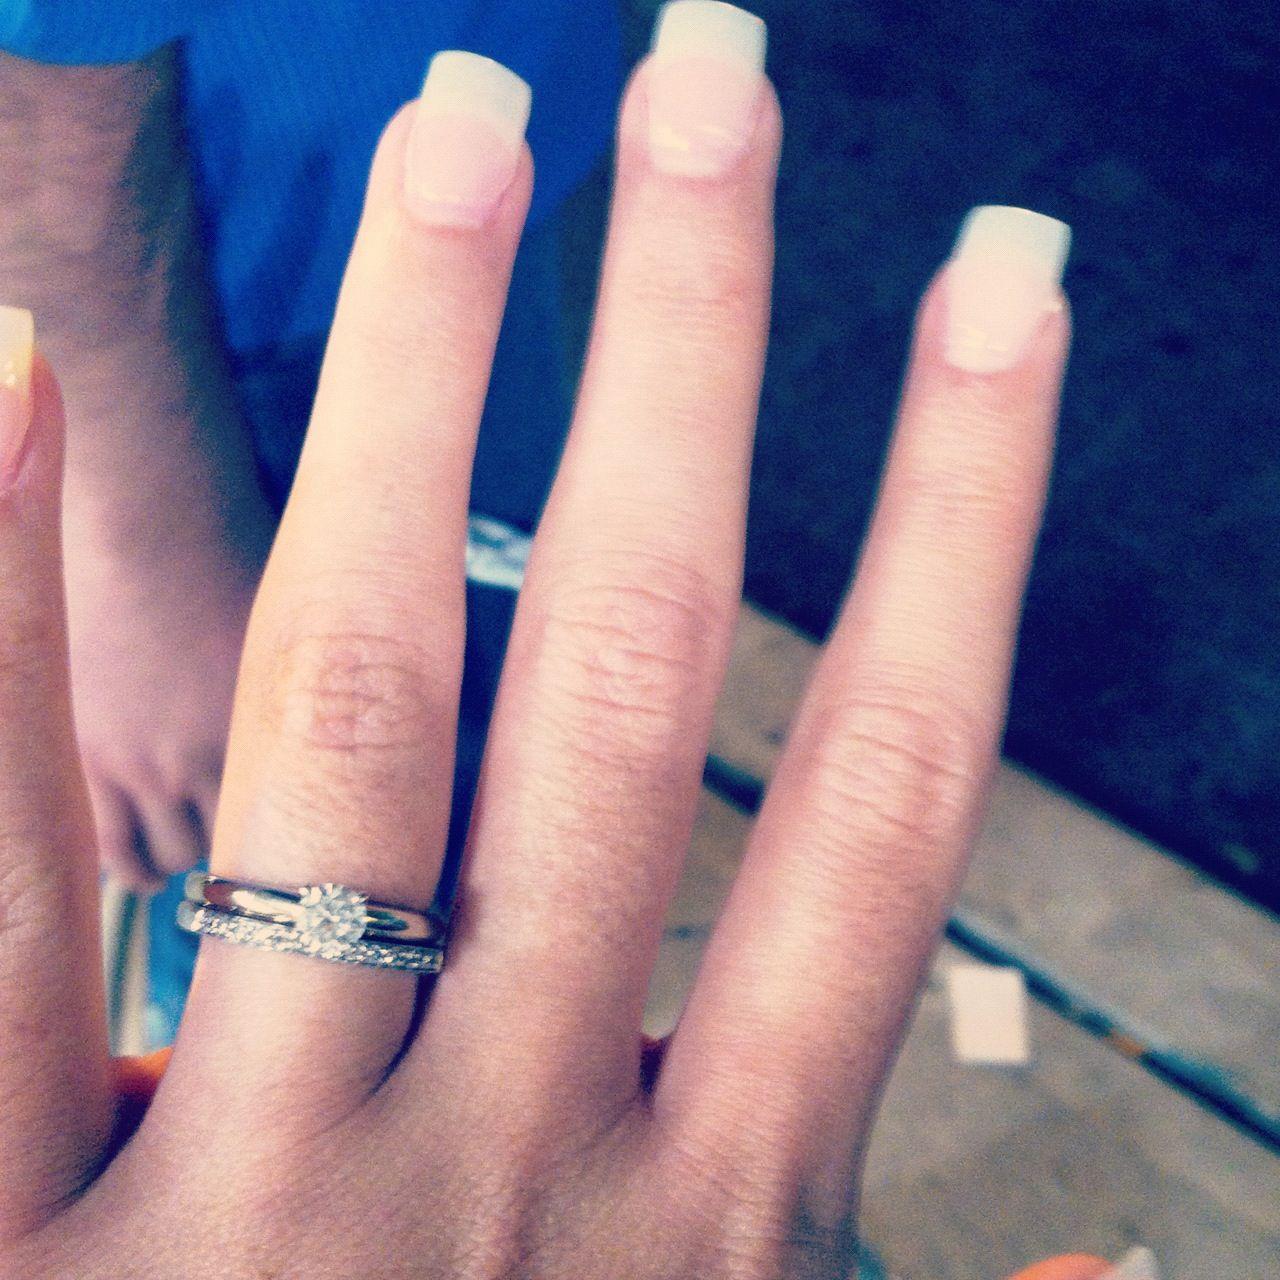 The Leo Diamond blindingly shiny diamond I adore my husband for ...